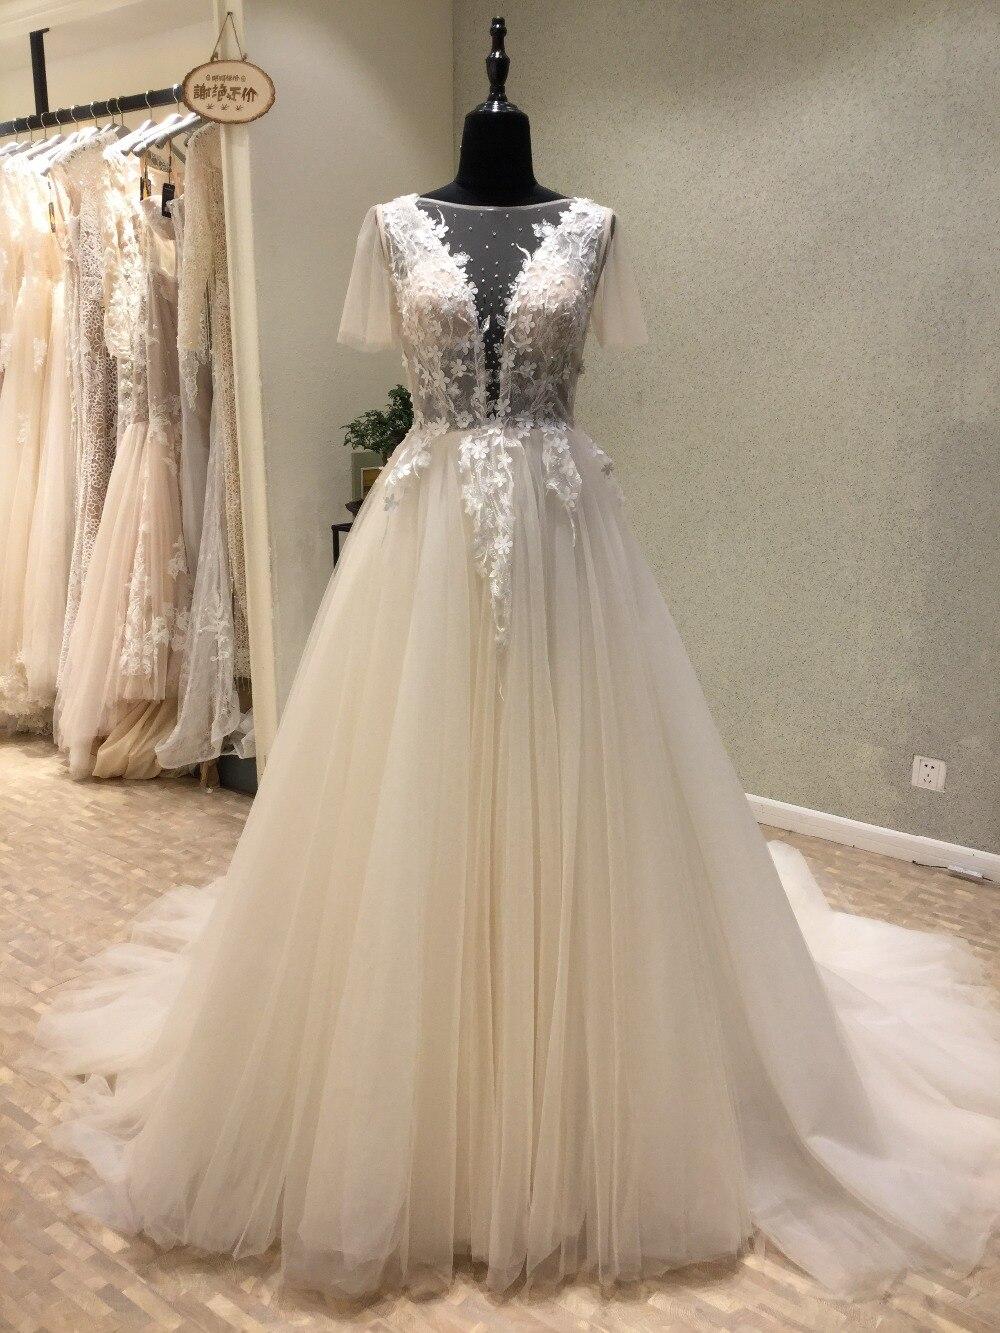 Nett Gericht Hochzeit Outfits Zeitgenössisch - Brautkleider Ideen ...